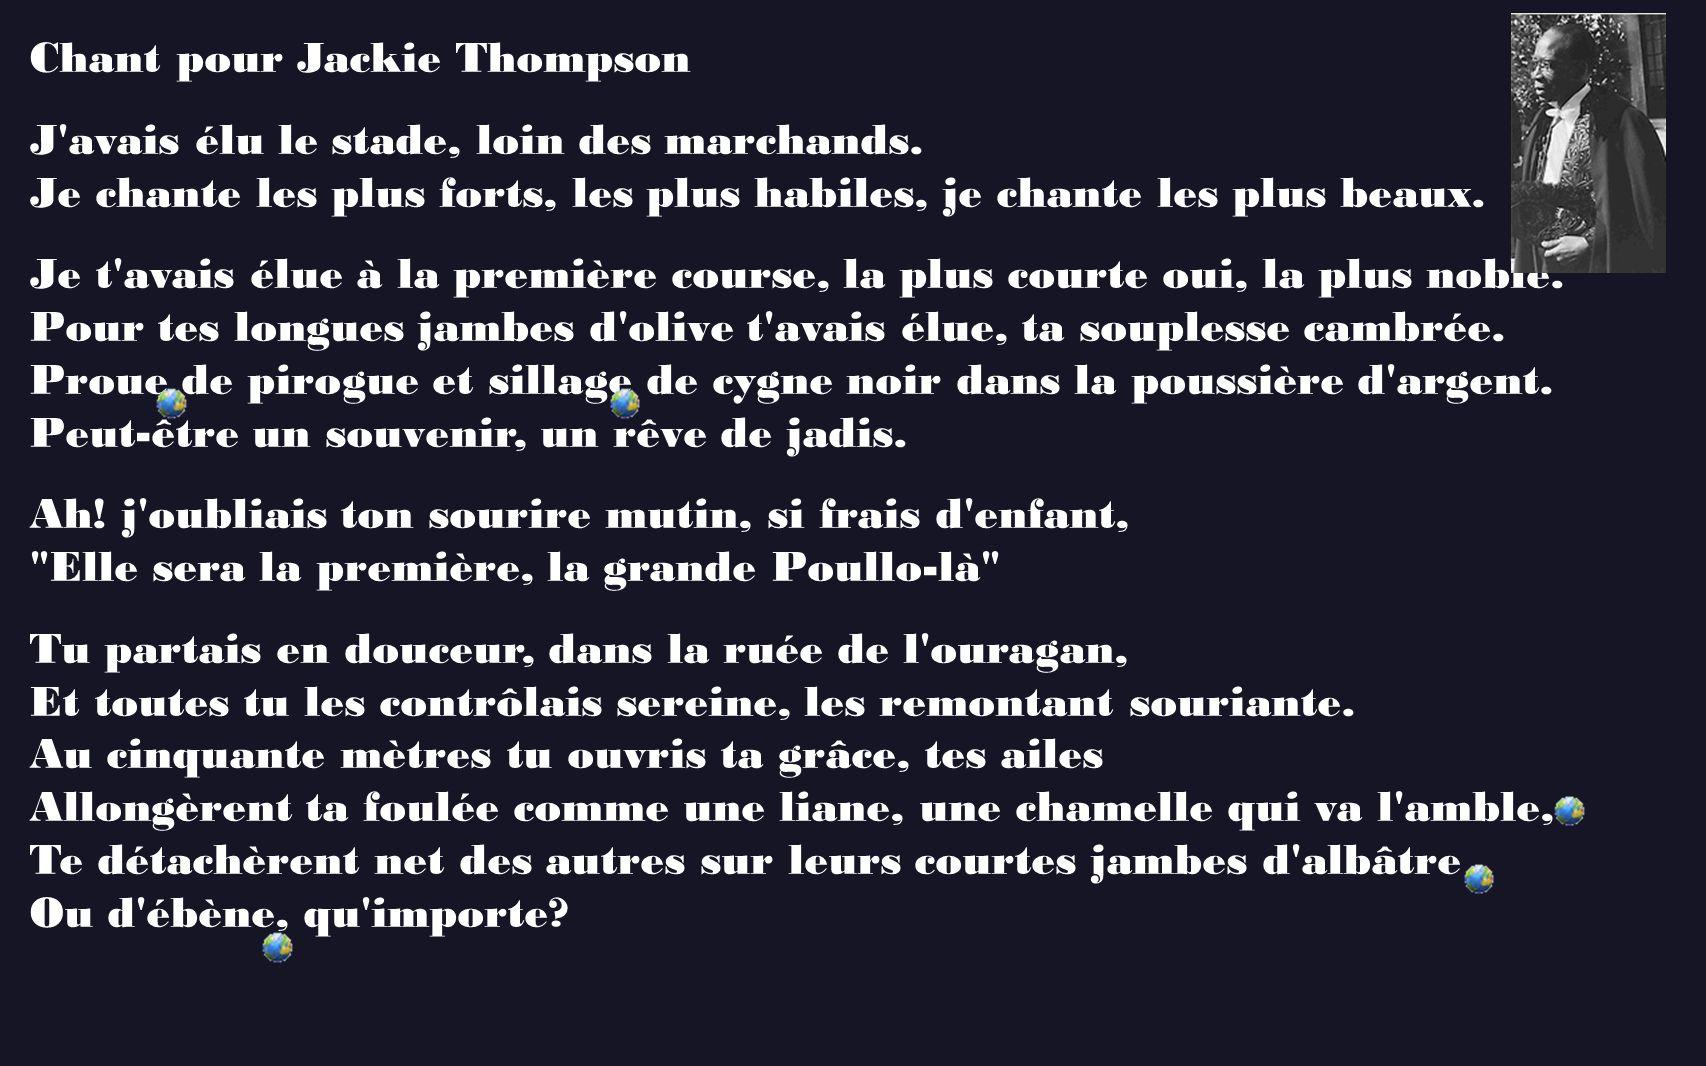 Chant pour Jackie Thompson J'avais élu le stade, loin des marchands. Je chante les plus forts, les plus habiles, je chante les plus beaux. Je t'avais